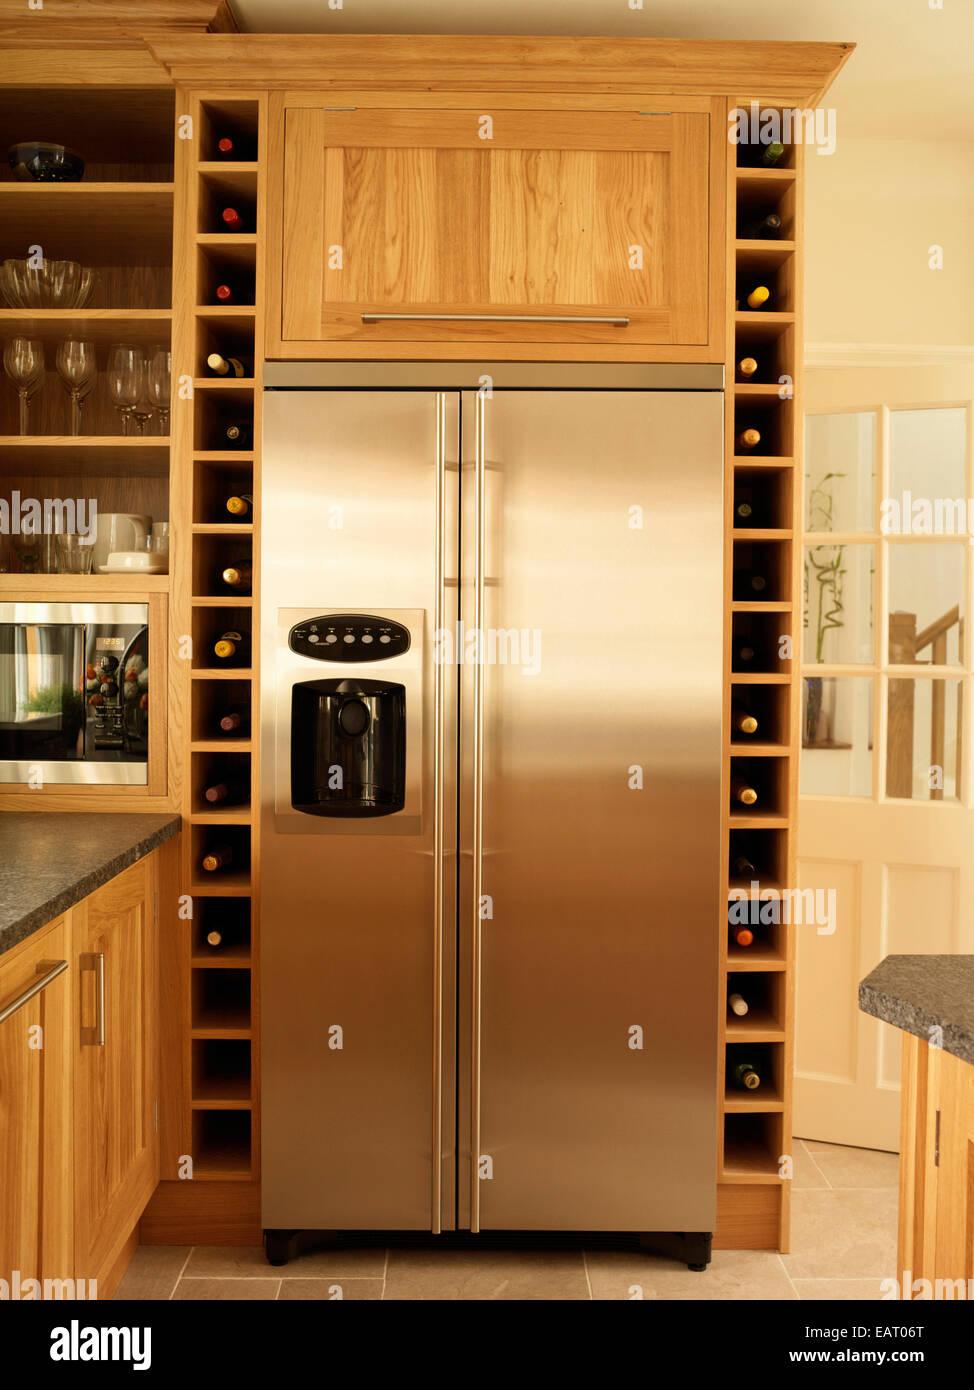 Edelstahl-Kühlschrank und eingebauten Wein rack Lagerung in der ...